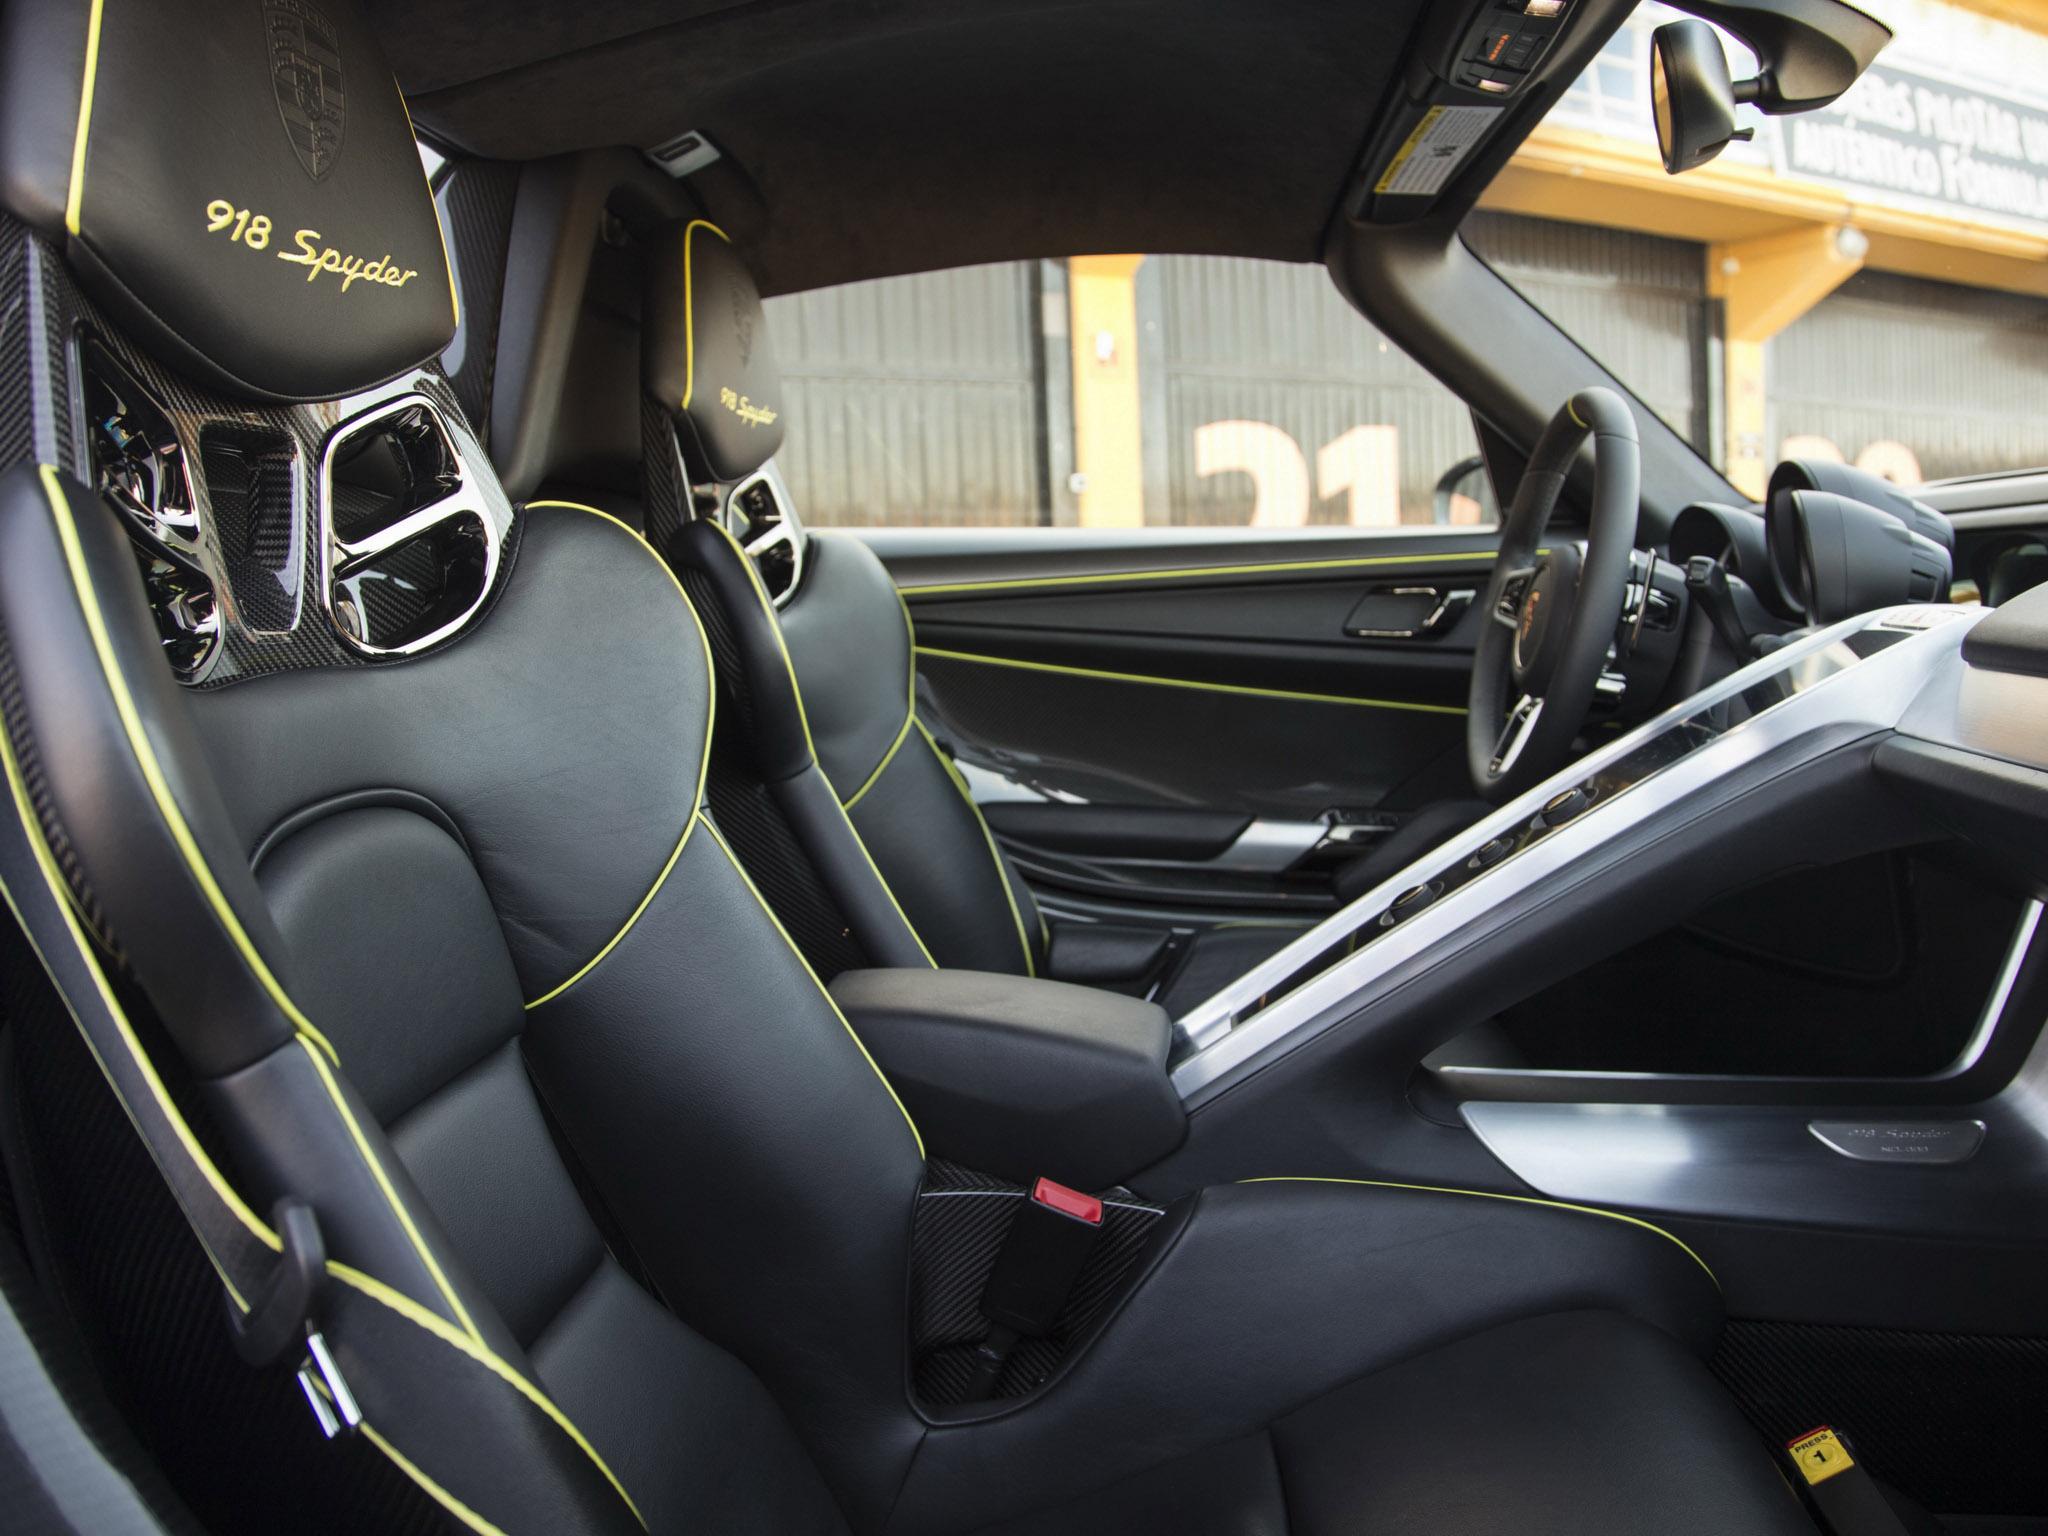 2014 Porsche 918 Spyder Weissach Race Racing Supercar Interior F Wallpaper    2048x1536   187999   WallpaperUP